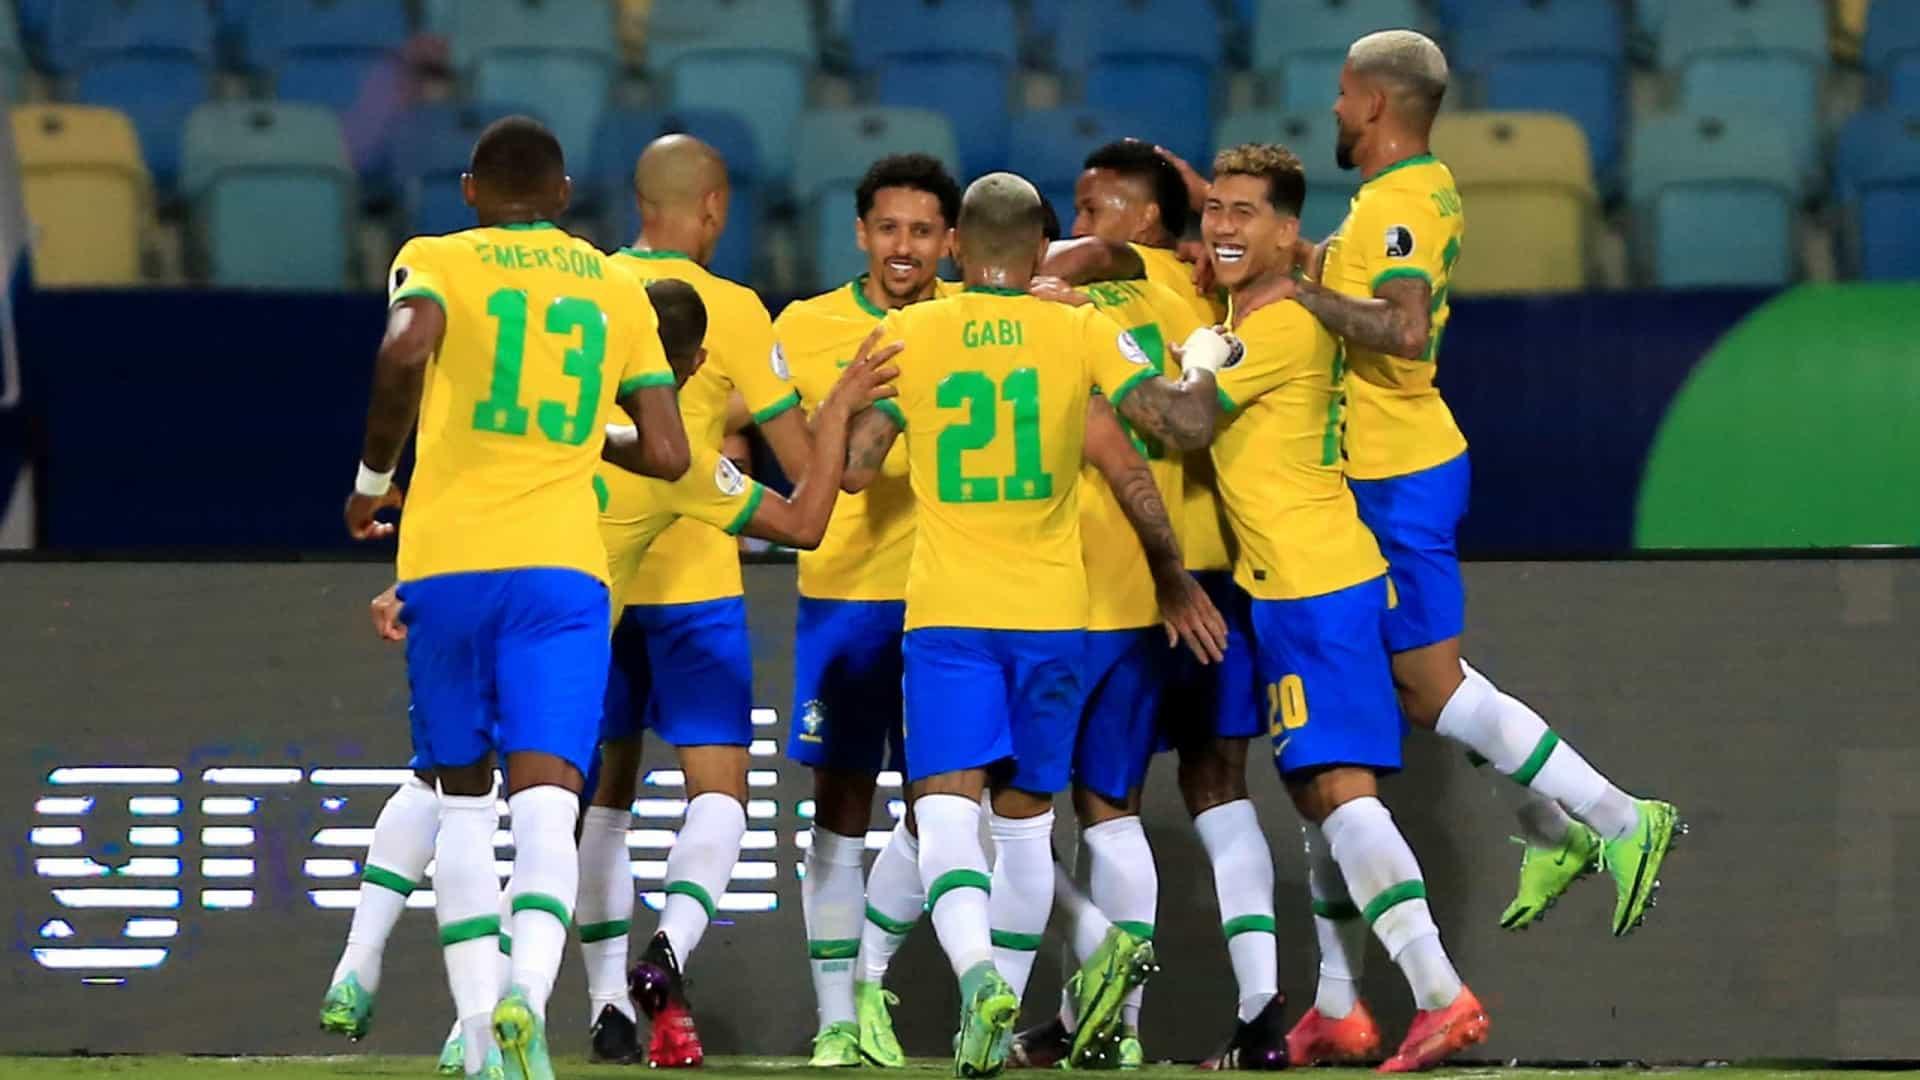 naom 60dedb5f4ec36 - Sete anos após Copa de 2014, Brasil e Chile se reencontram em jogo eliminatório nesta sexta